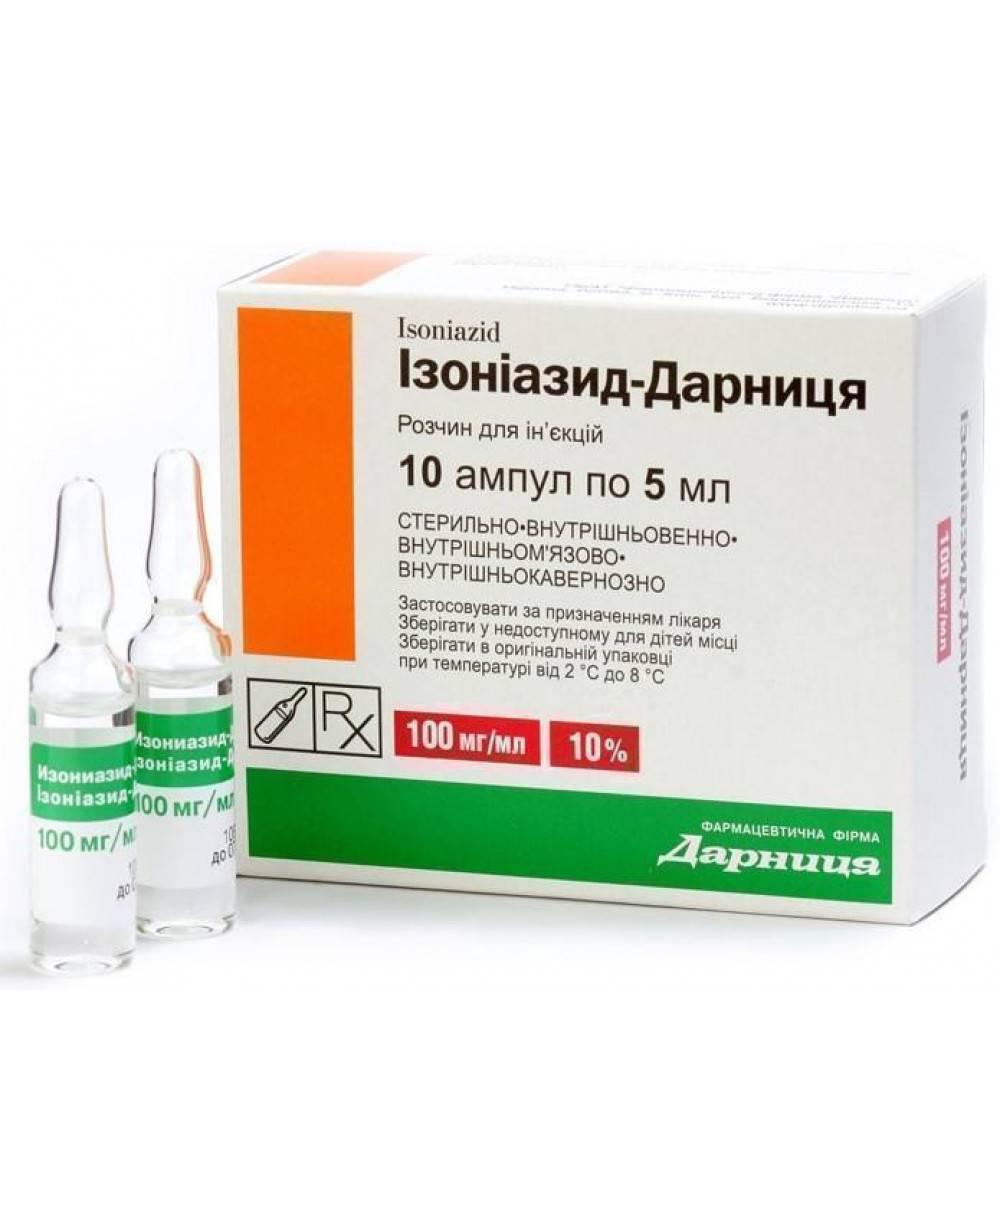 Изониазид от туберкулеза: инструкция по применению, противопоказания, аналоги